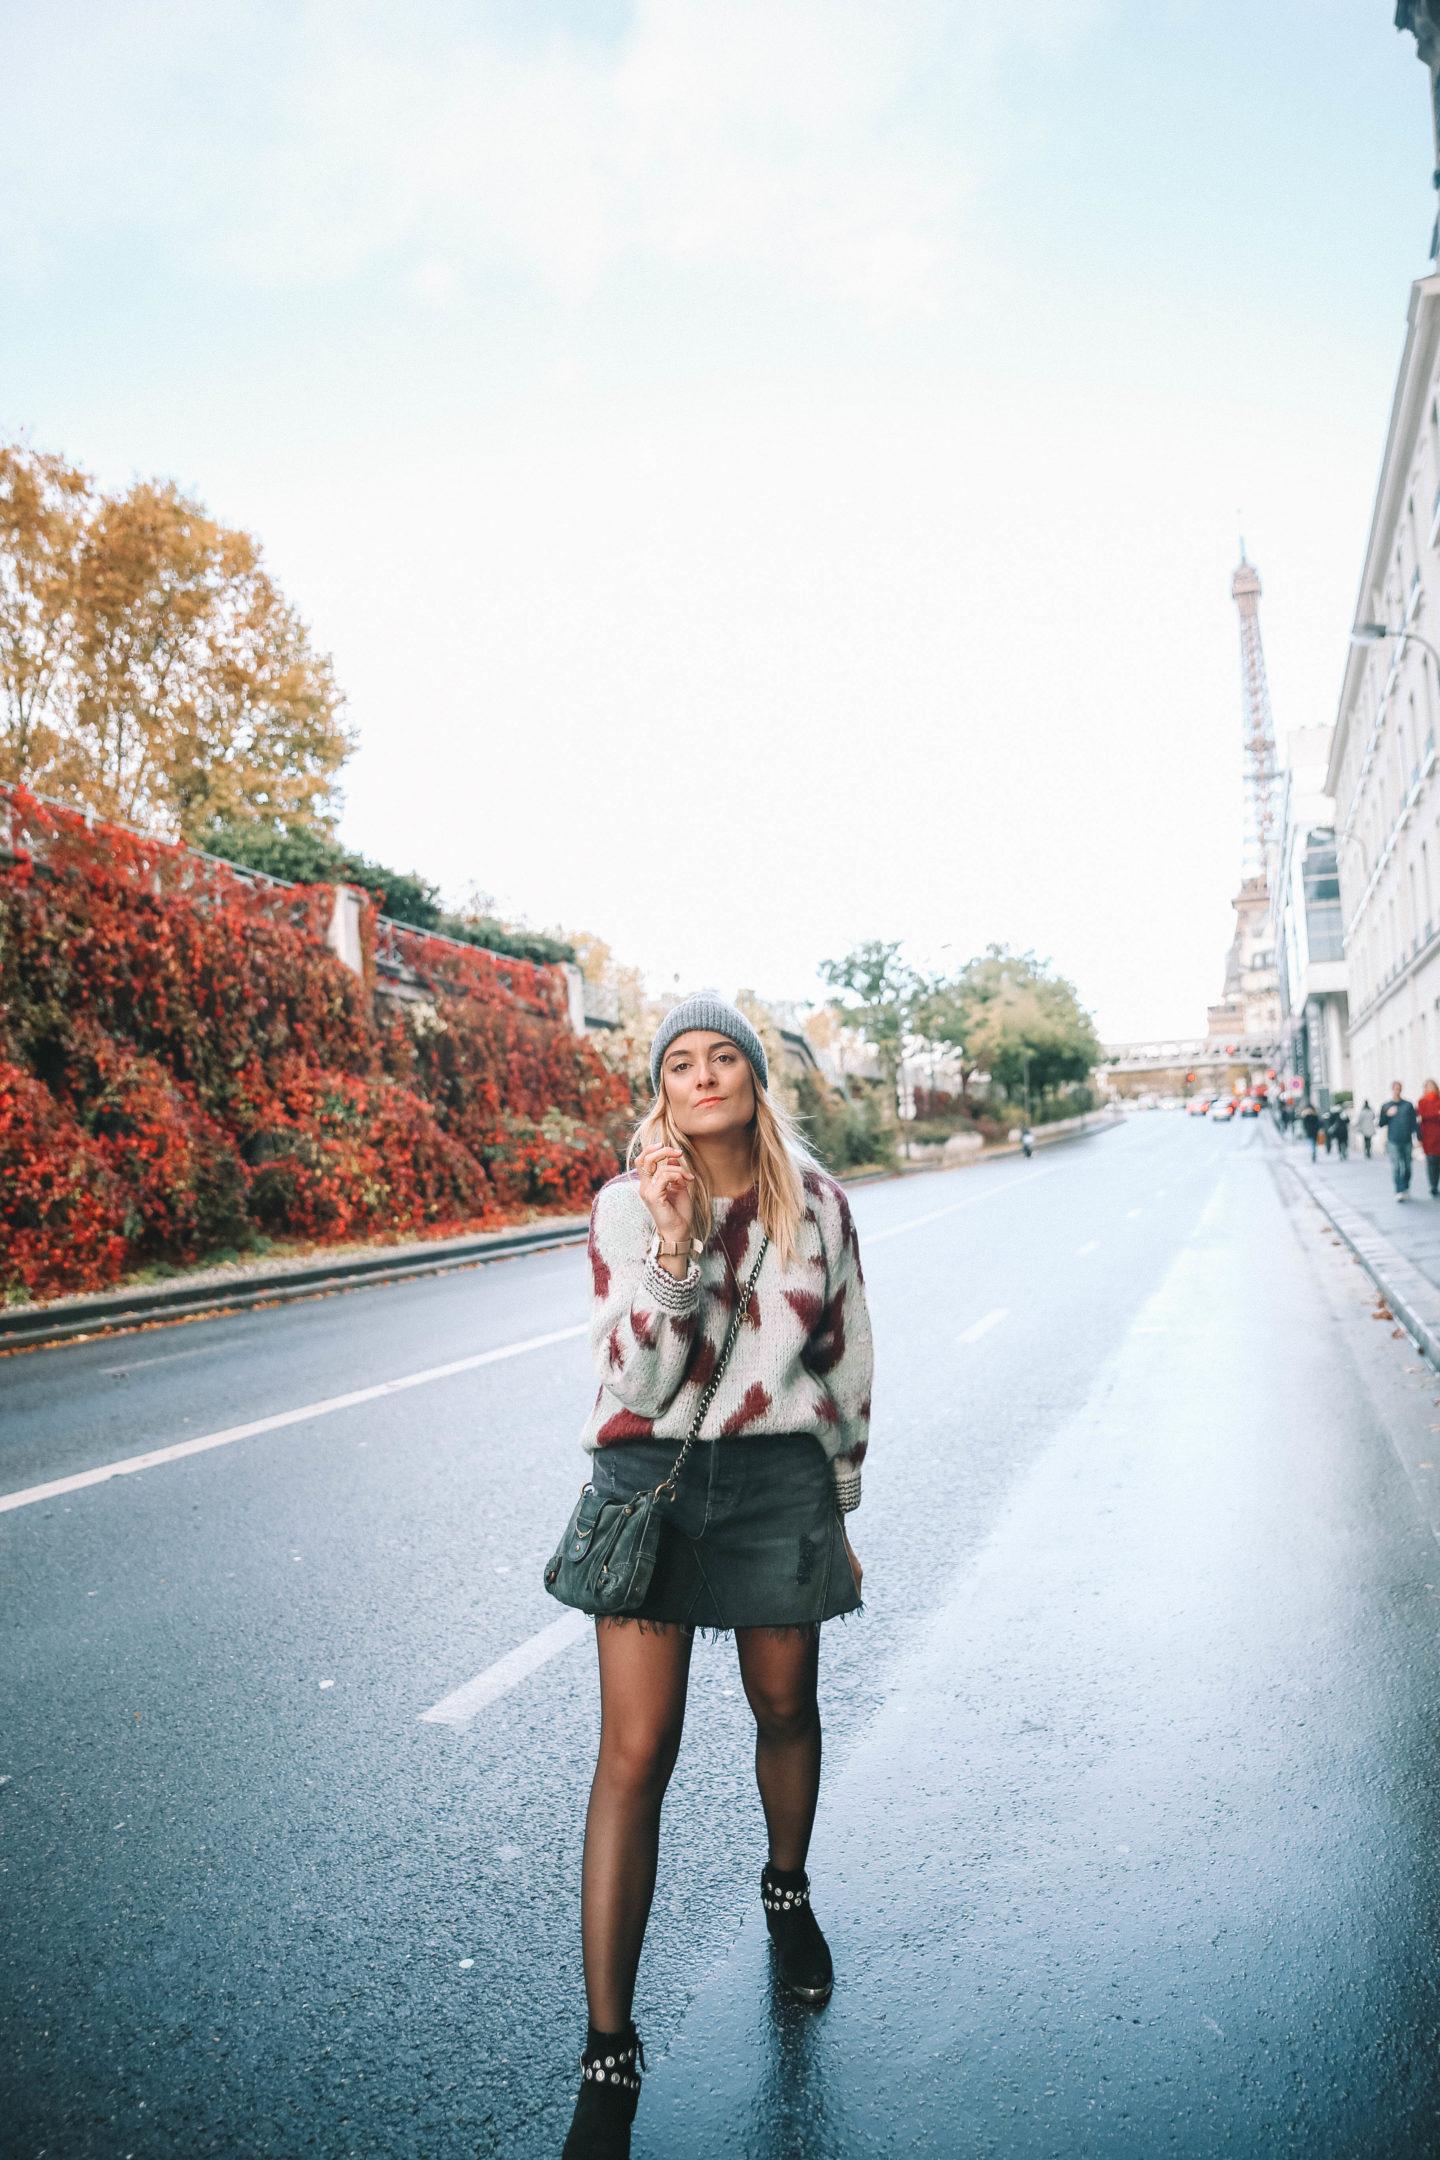 Jupe en jean Revolve - Blondie baby blog mode et voyages